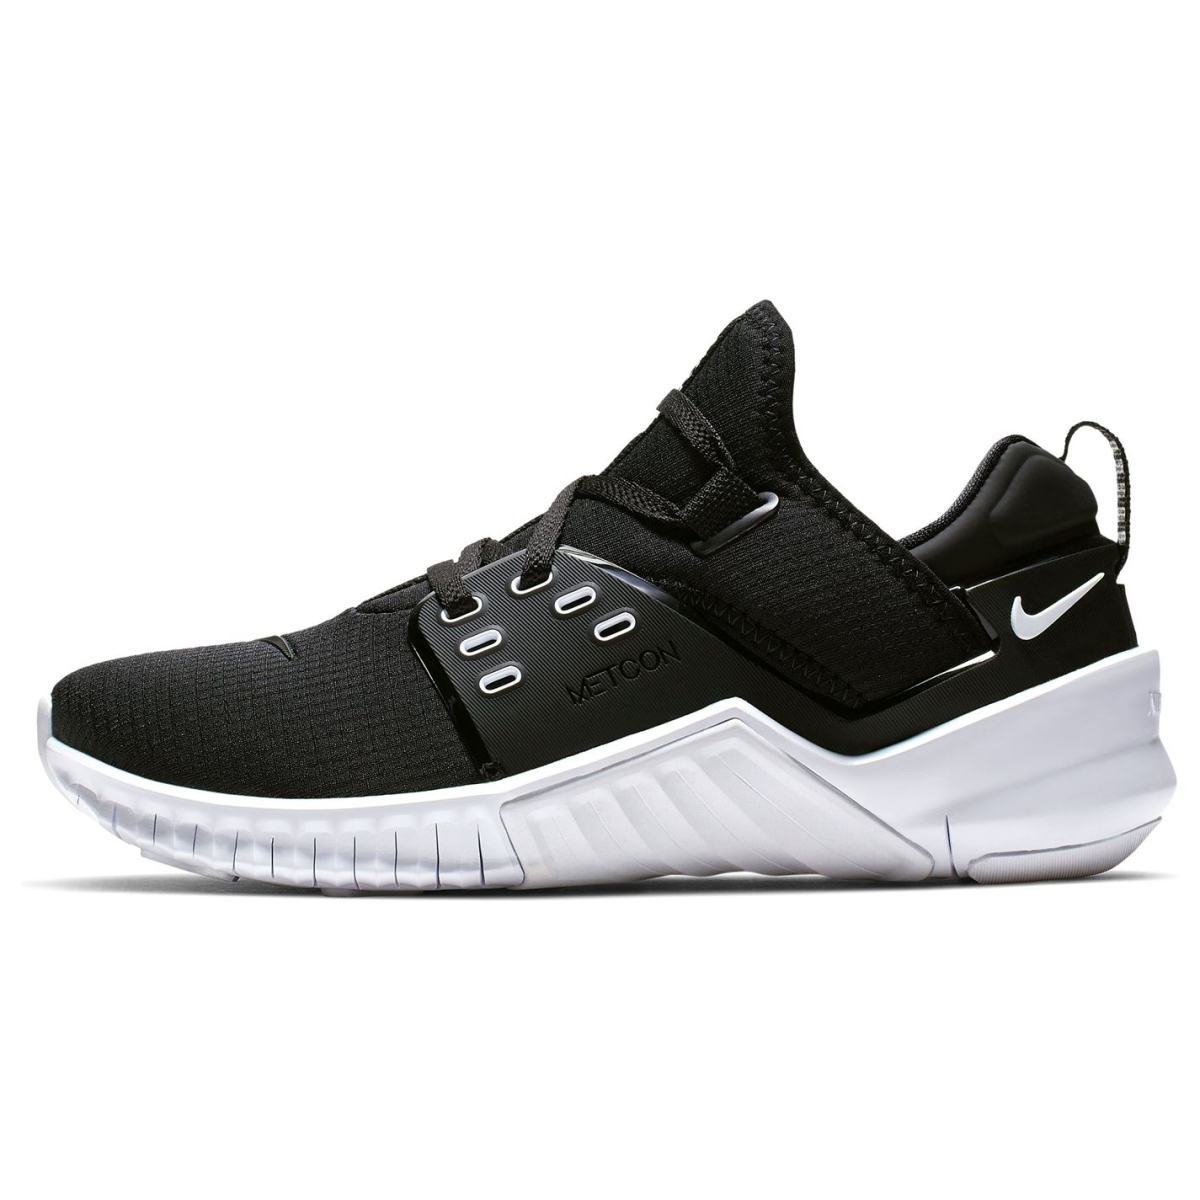 Nike Free Metcon 2 Turnschuhe Damen Sneaker Sportschuhe Laufschuhe 3012